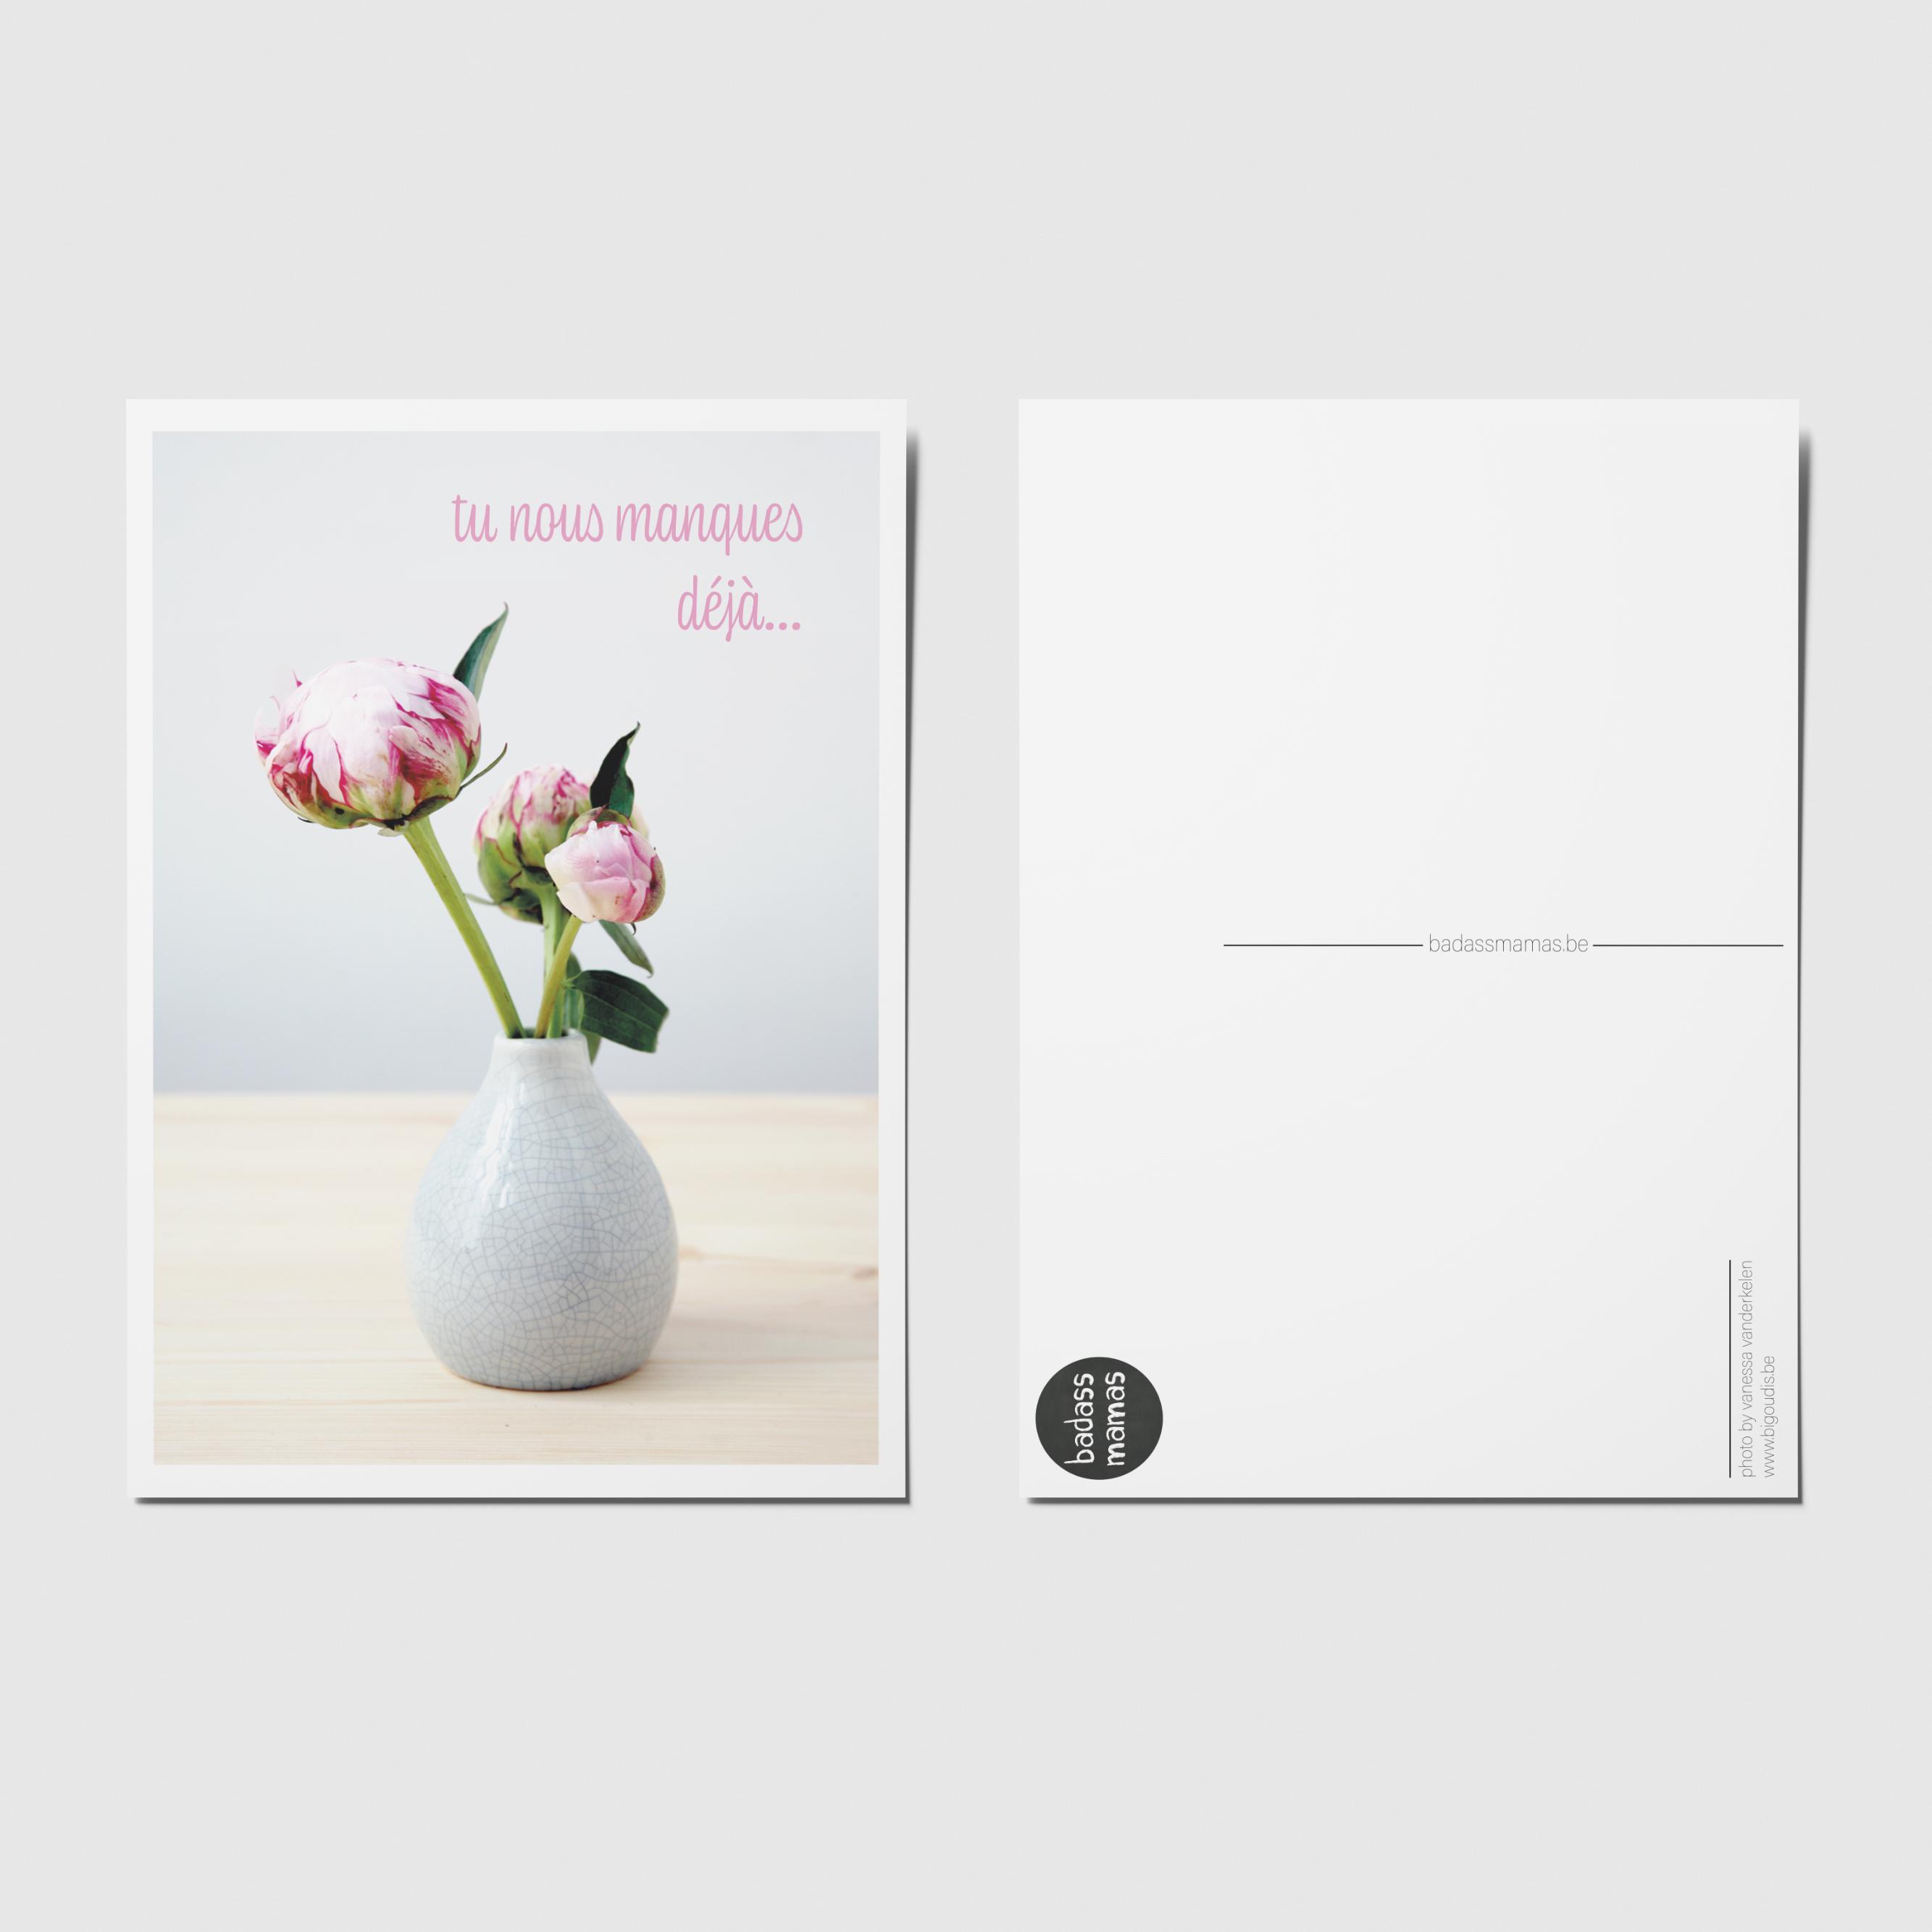 carte postale flowers #03 tu nous manques déjà...